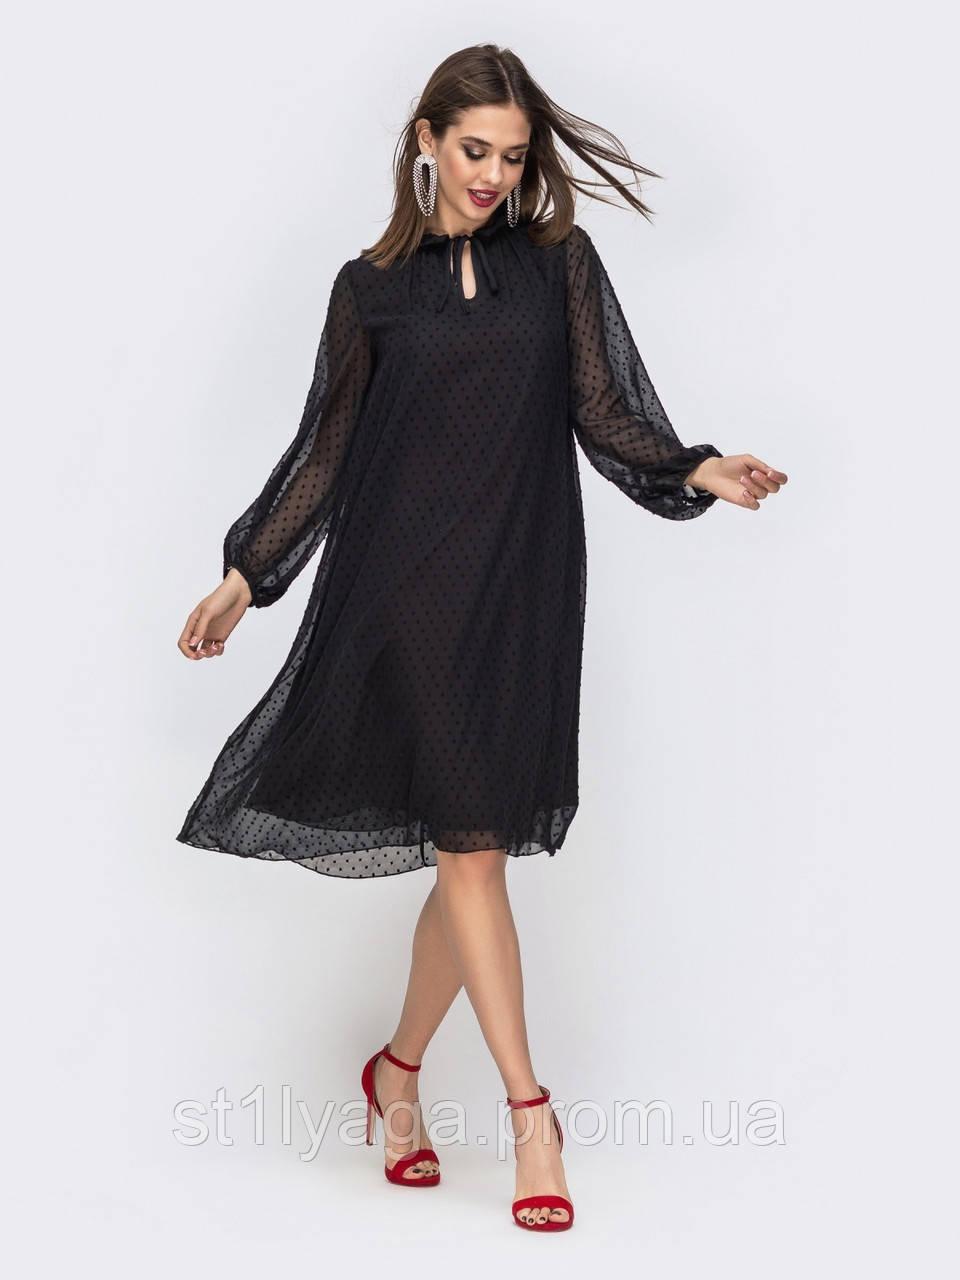 Платье трапеция из шифона в фактурный горох с воротником-стойкой